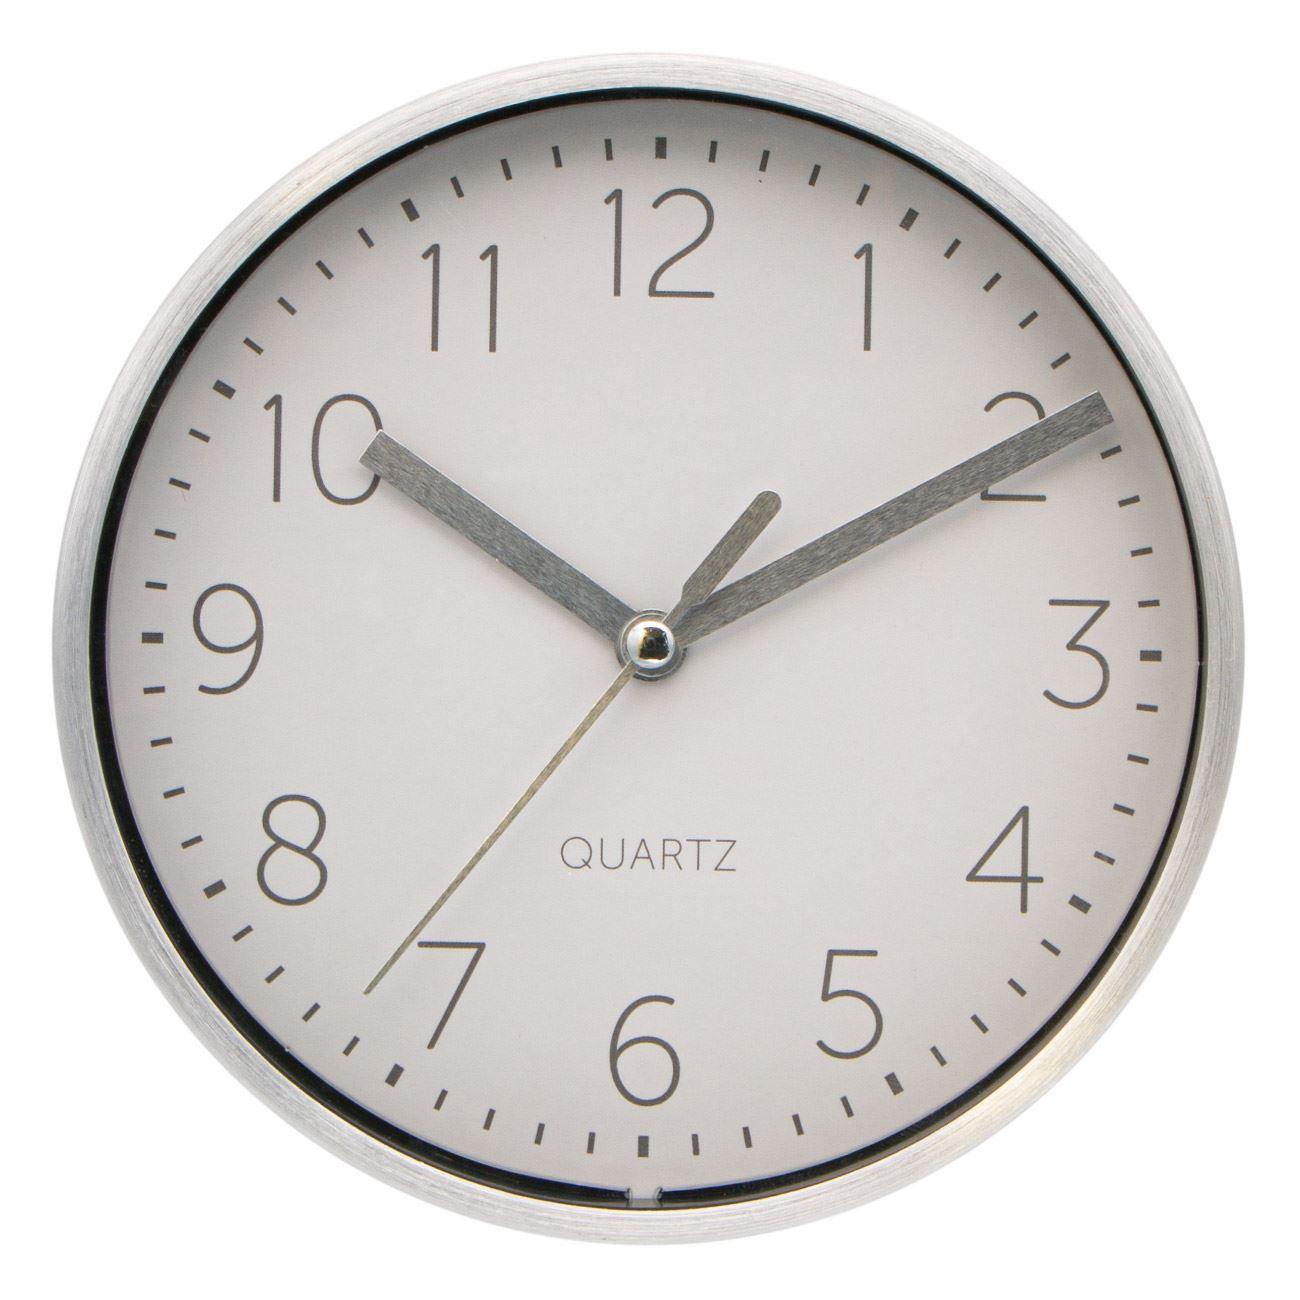 Cauta i ceas de ceas)